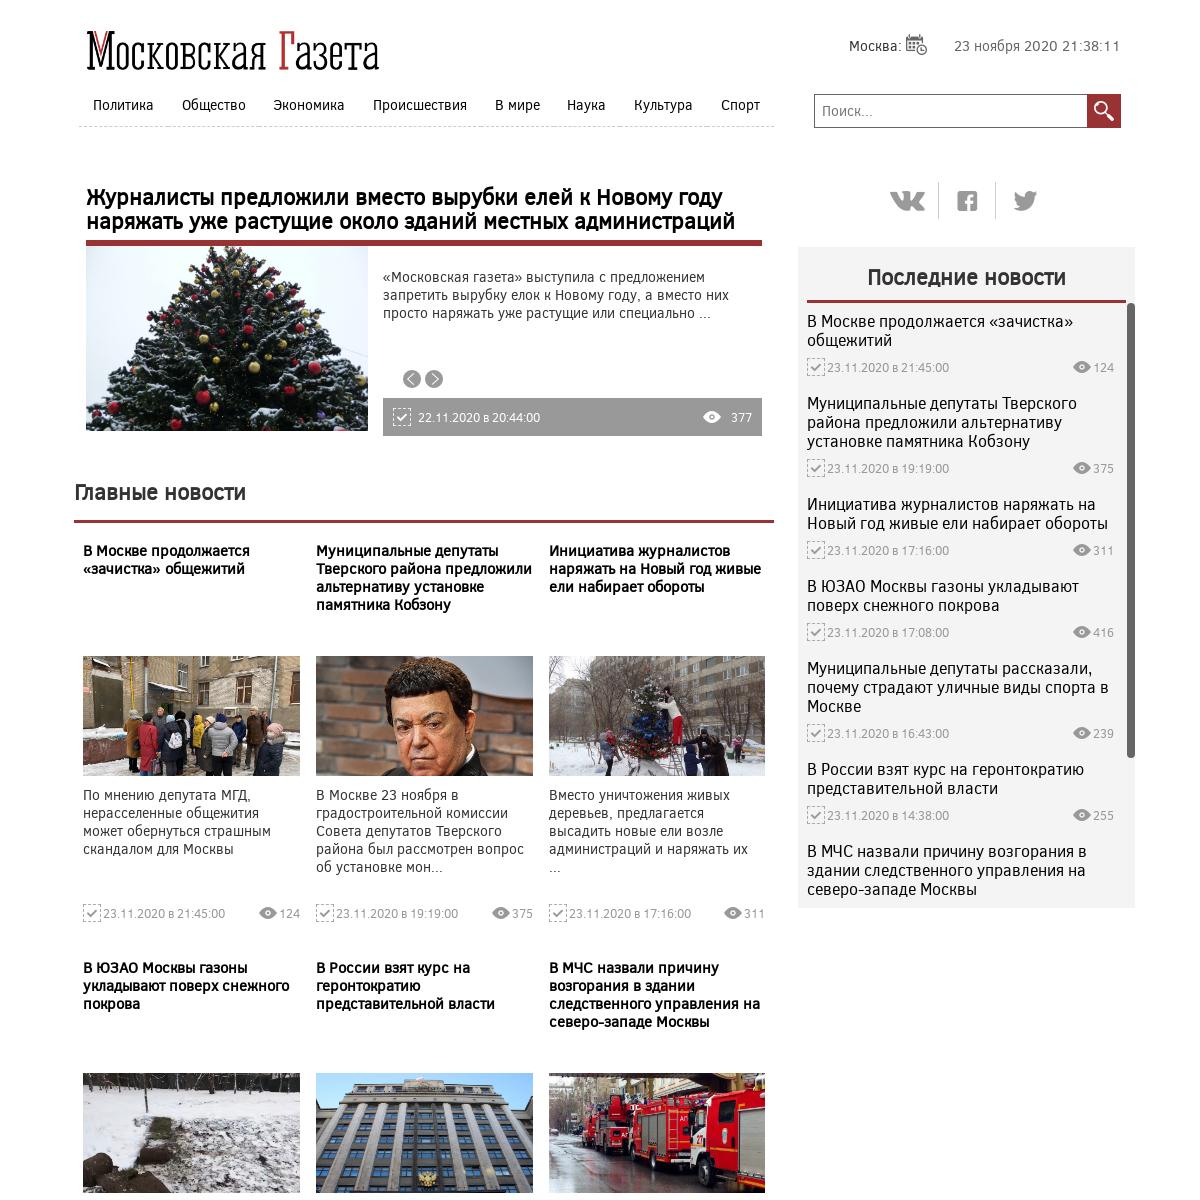 «Московская газета» - сетевое издание